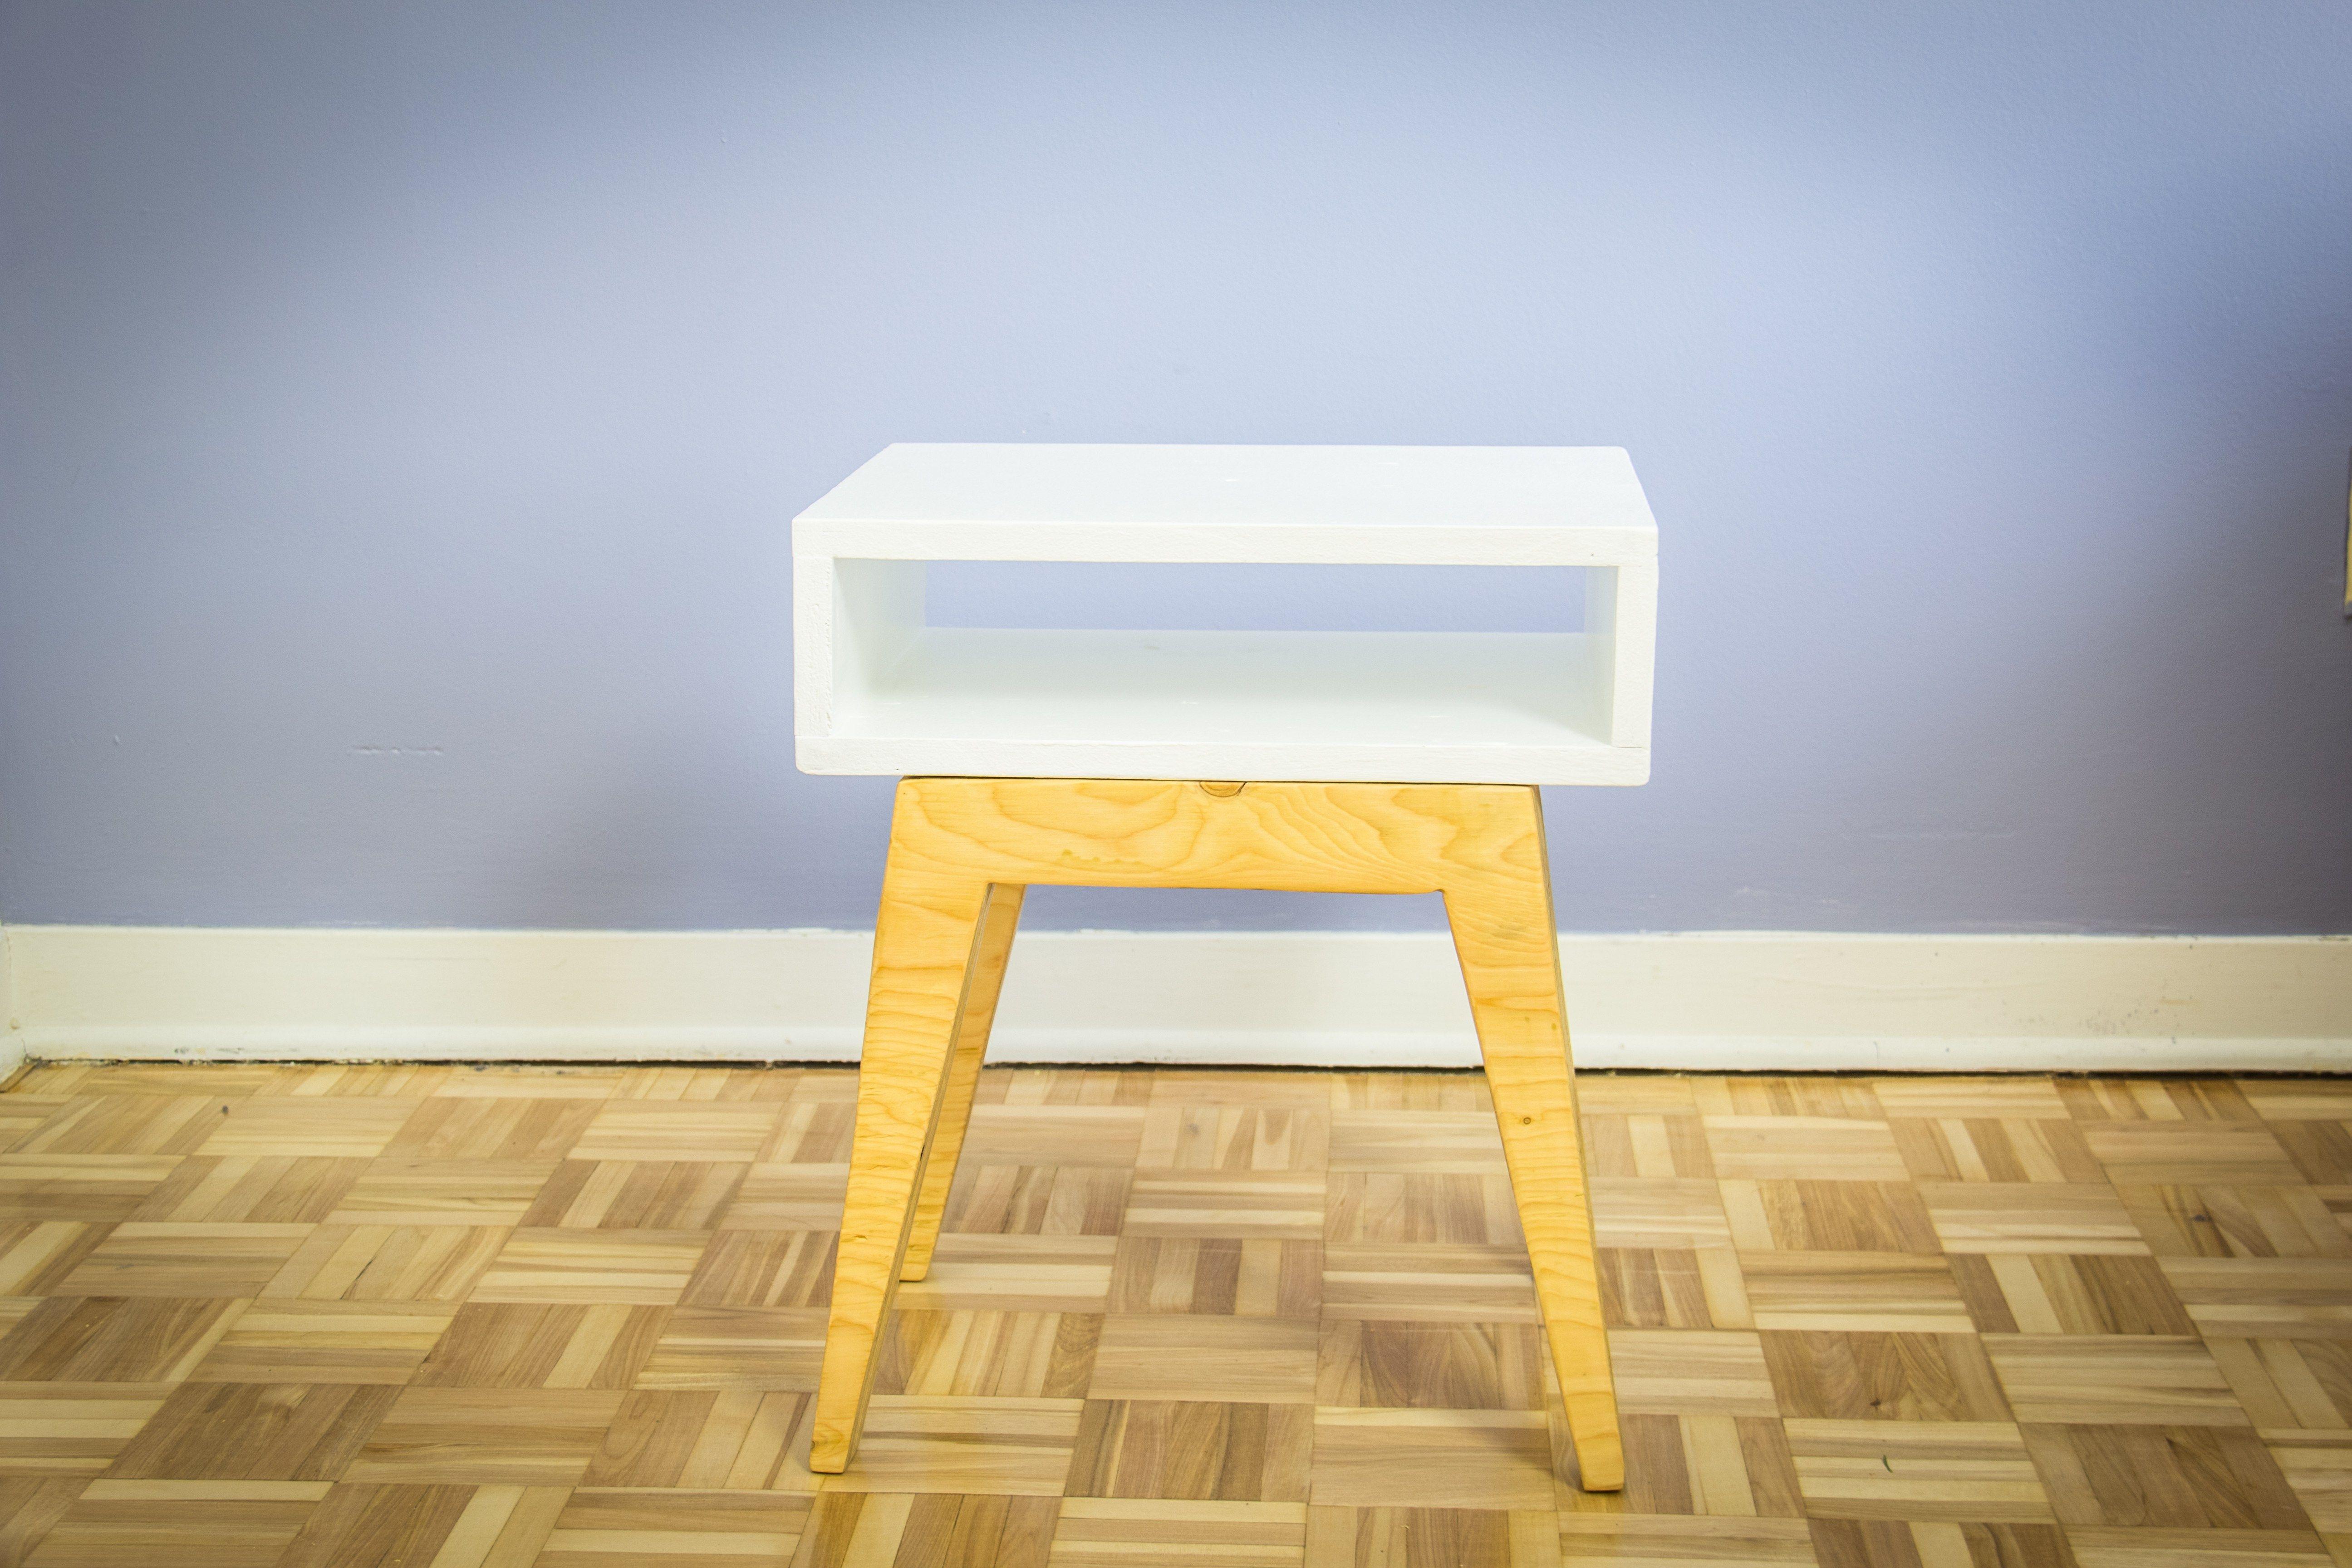 Comment Fabriquer Une Table De Chevet Scandinave Ep13 Meubles  # Fabriquer Un Meuble Scandinave